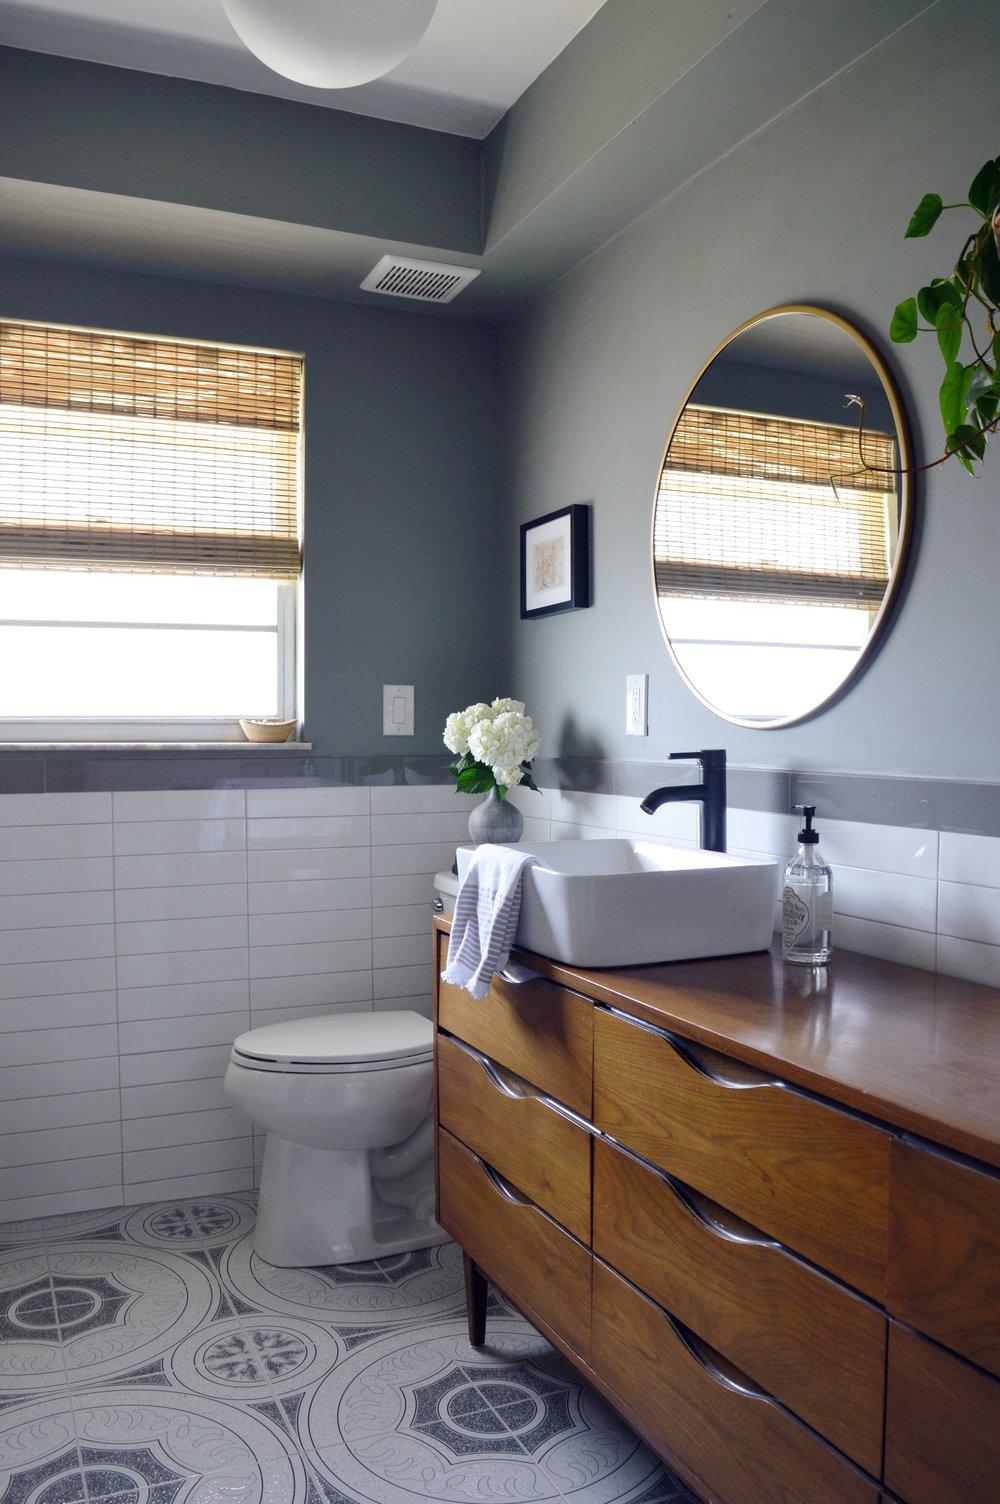 Orlando Interior Designer's Guest Bathroom Renovation